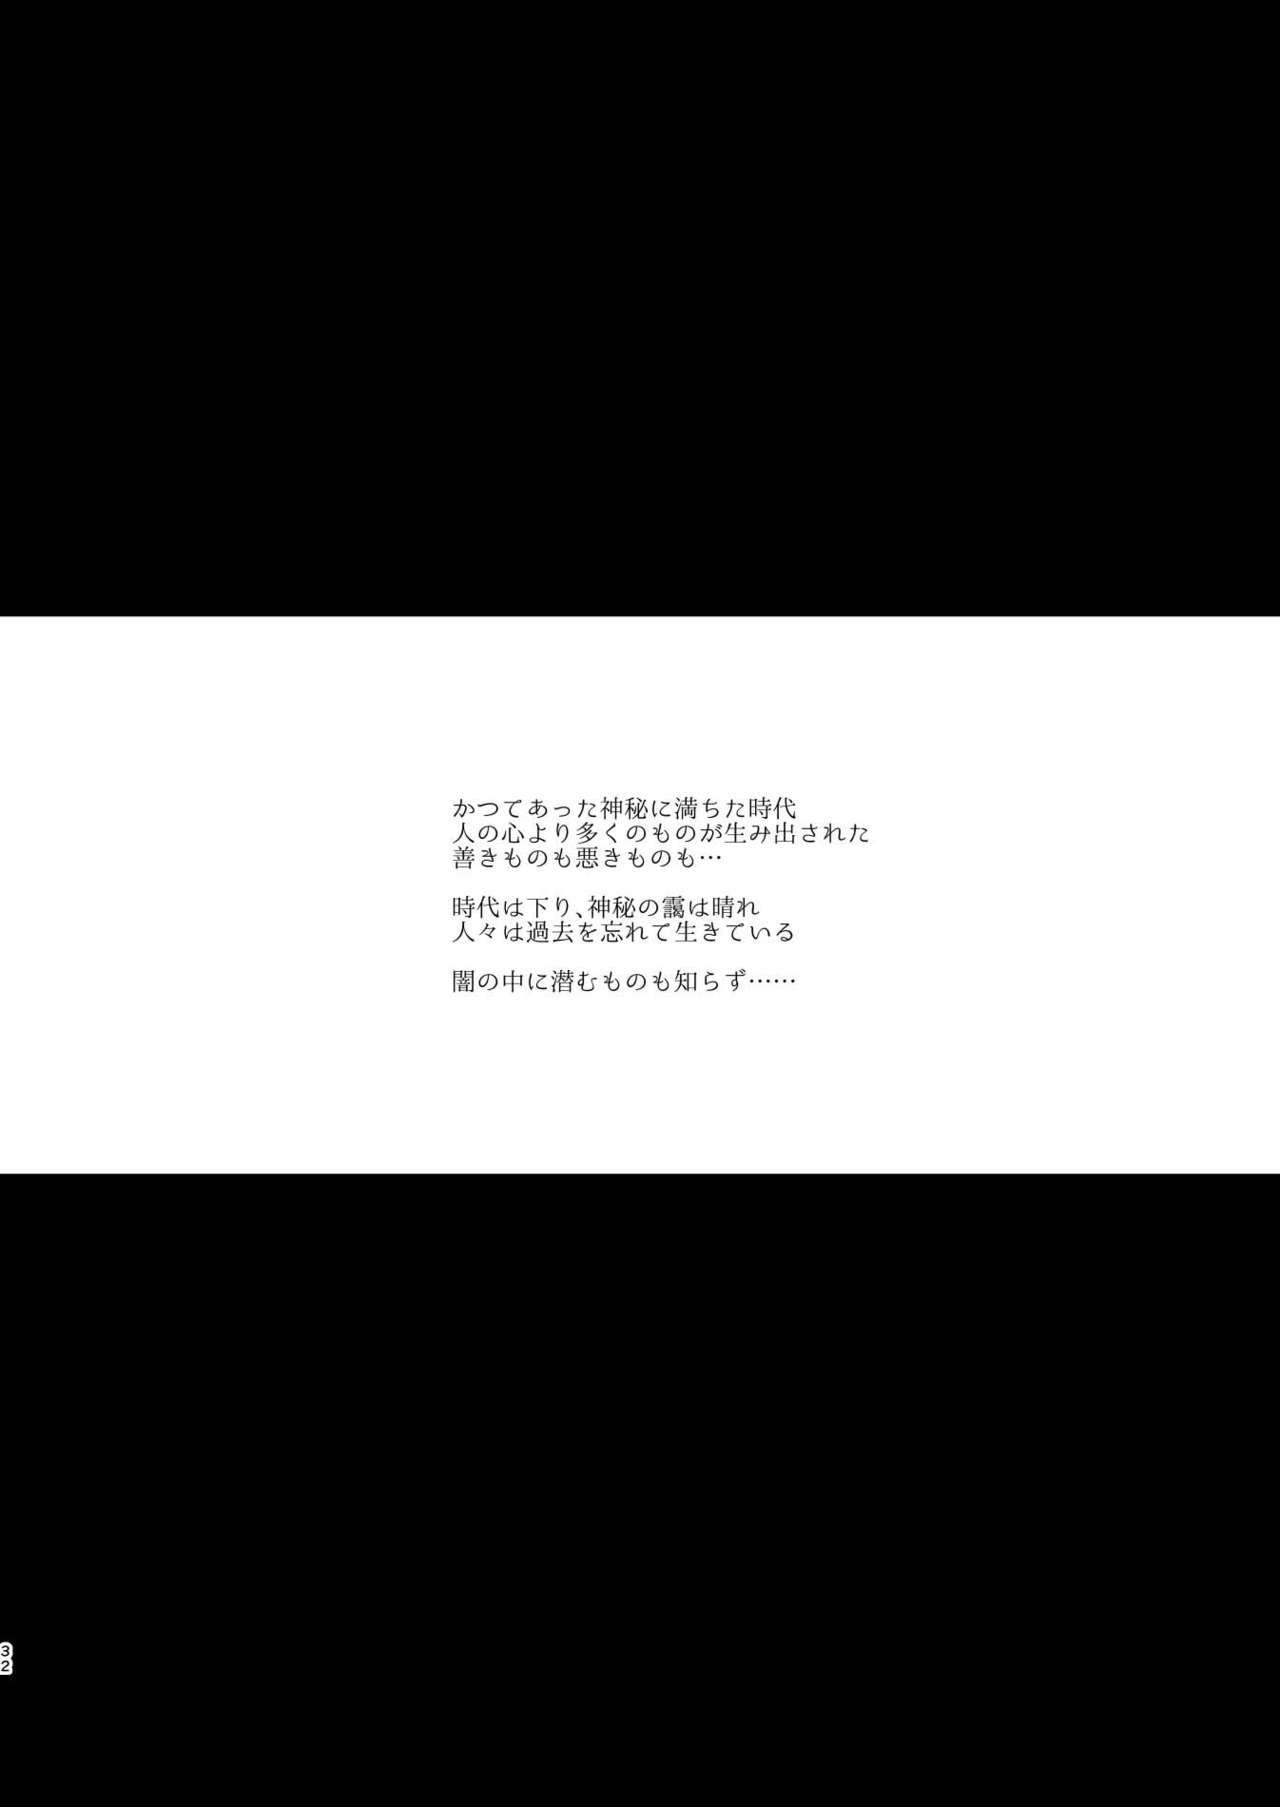 Inma no Futanari Chinpo ni Haiboku Shita Taimashi no Ore wa... 1